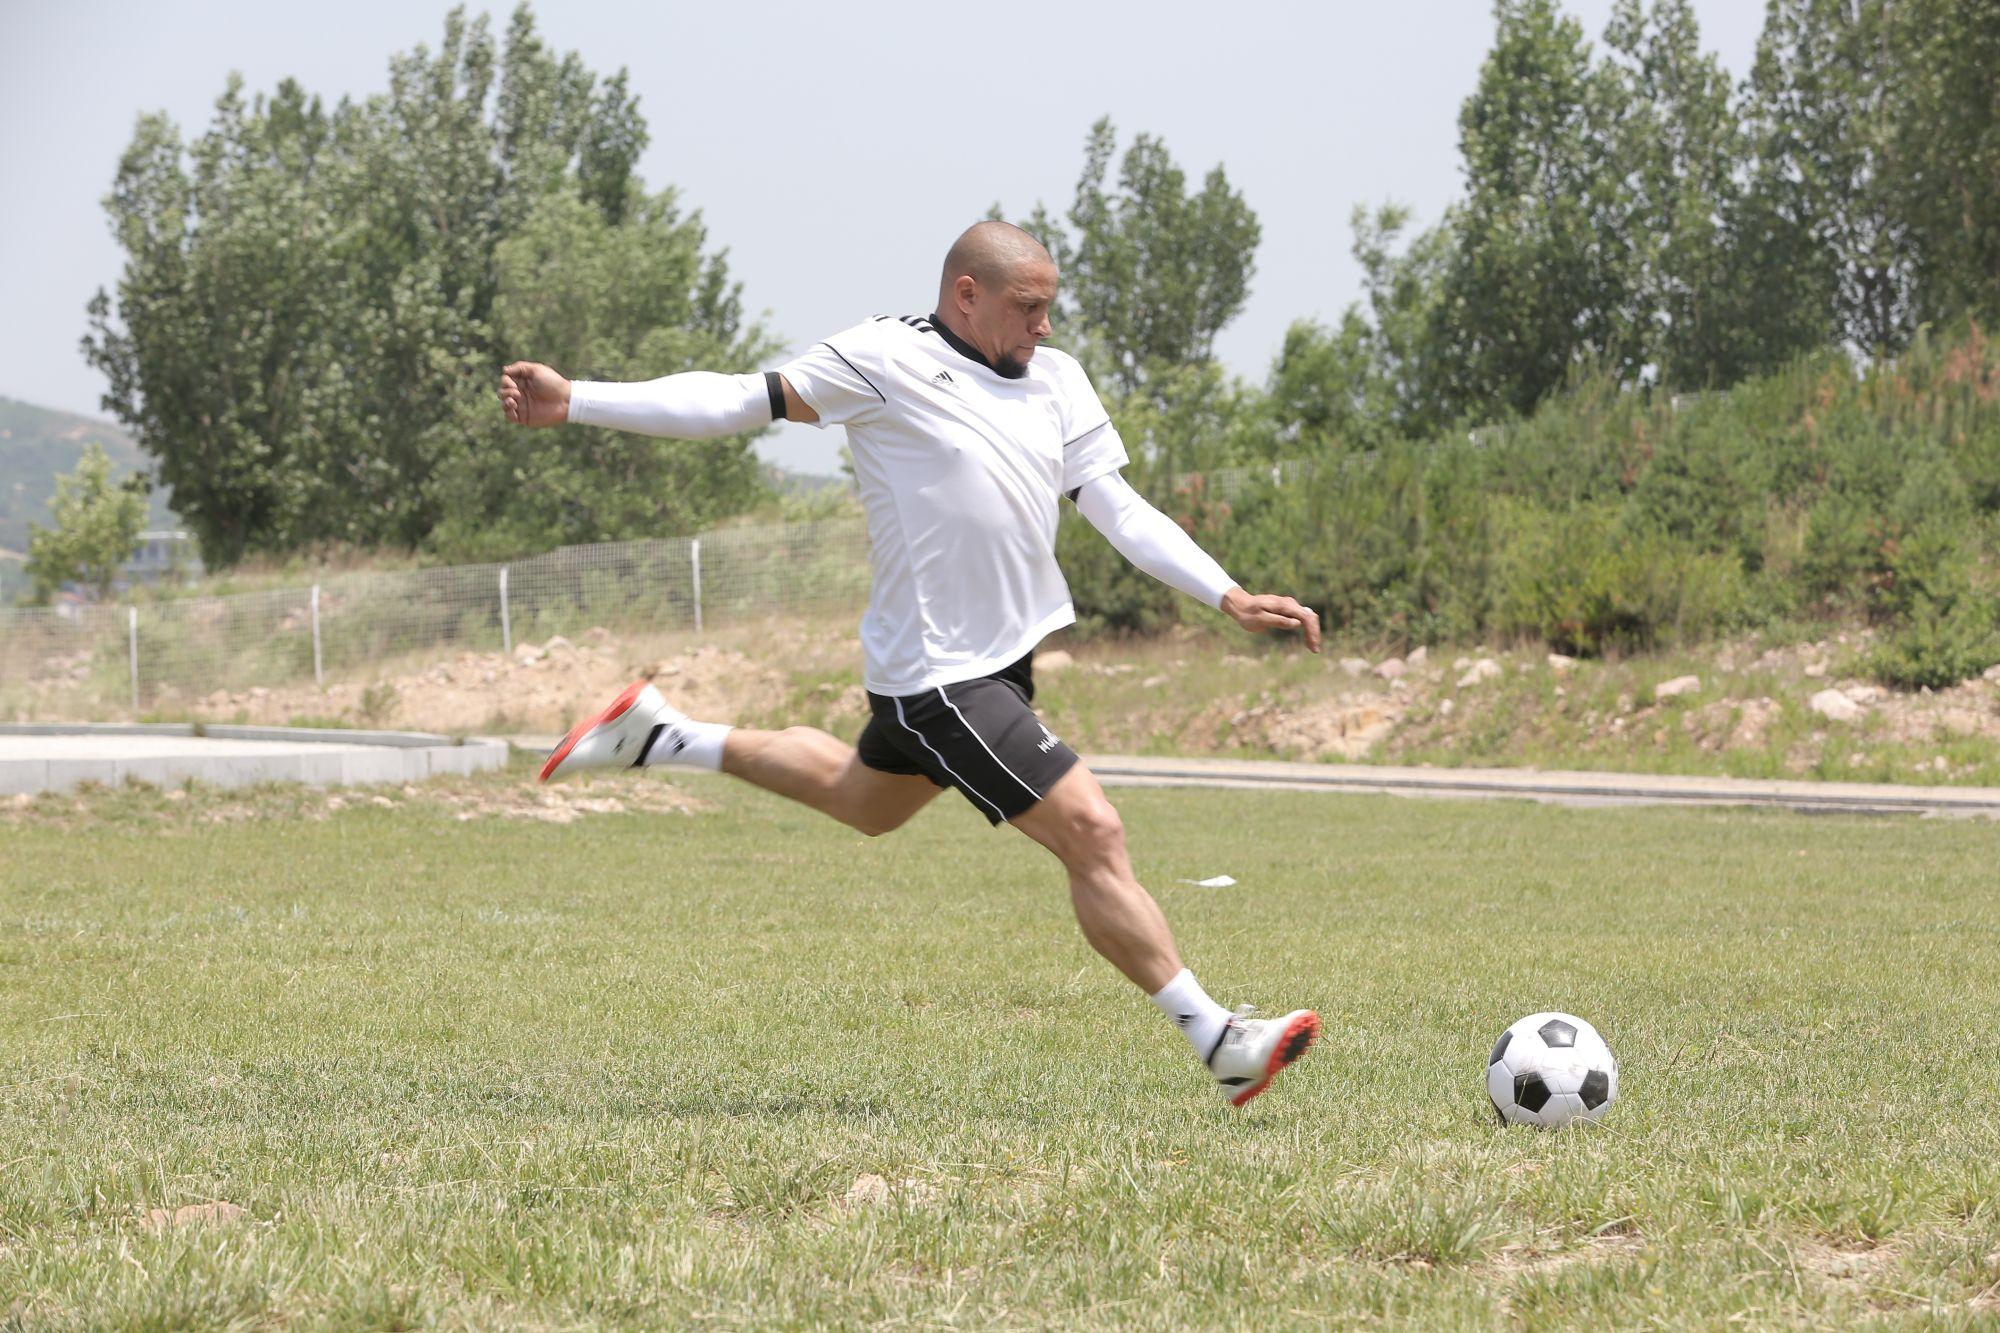 巴西球星卡洛斯来山东台录节目 世界杯对阵中国队曾进球